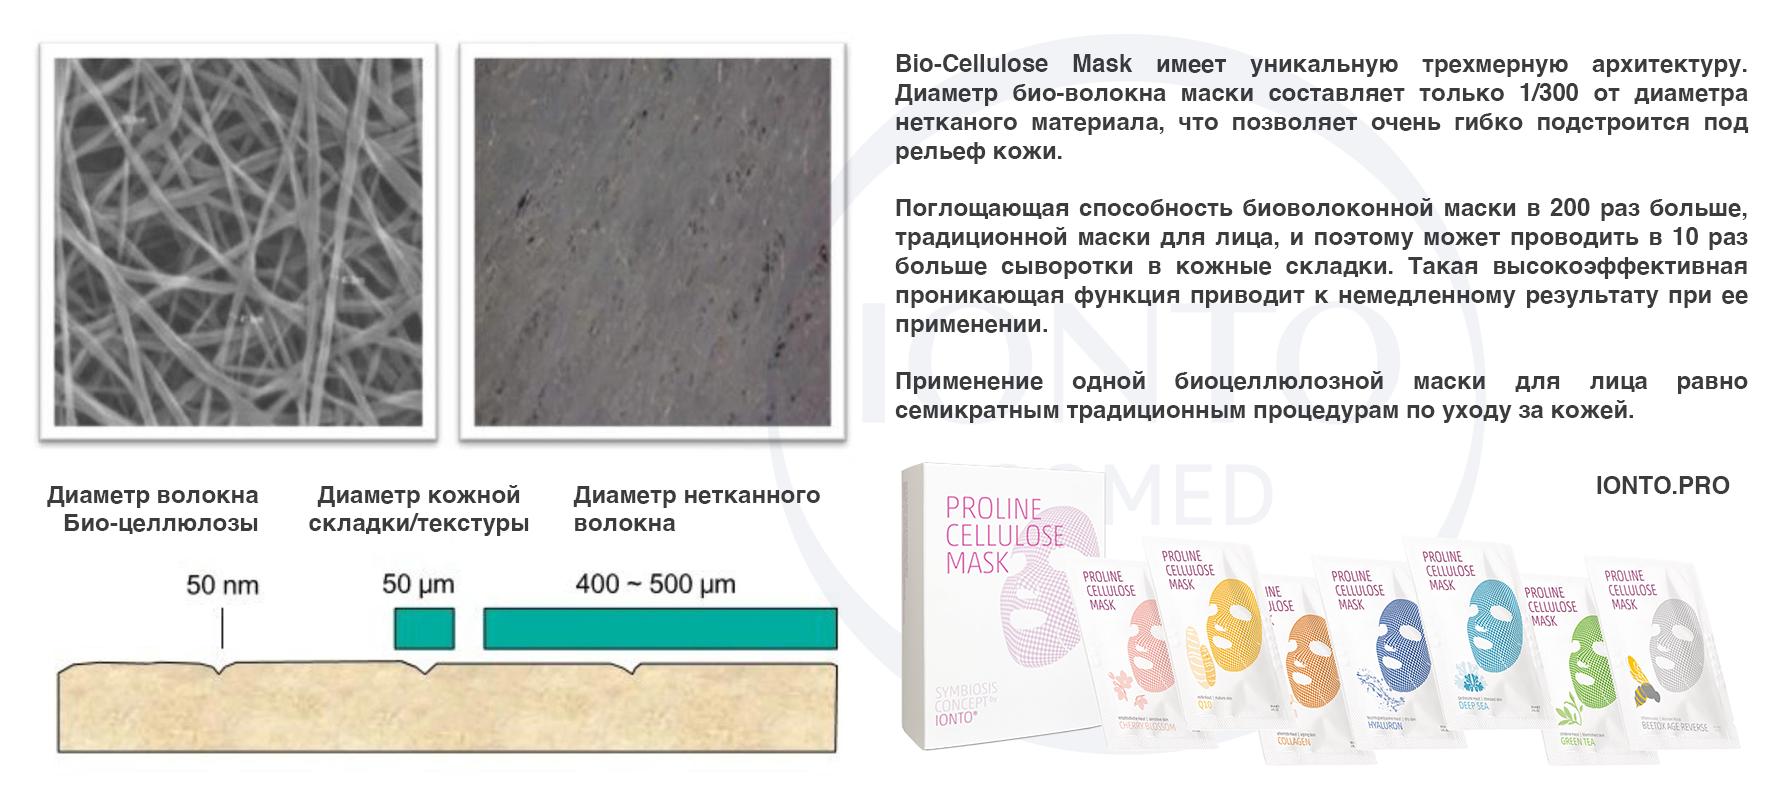 Биоцеллюлозная маска EYE MASK